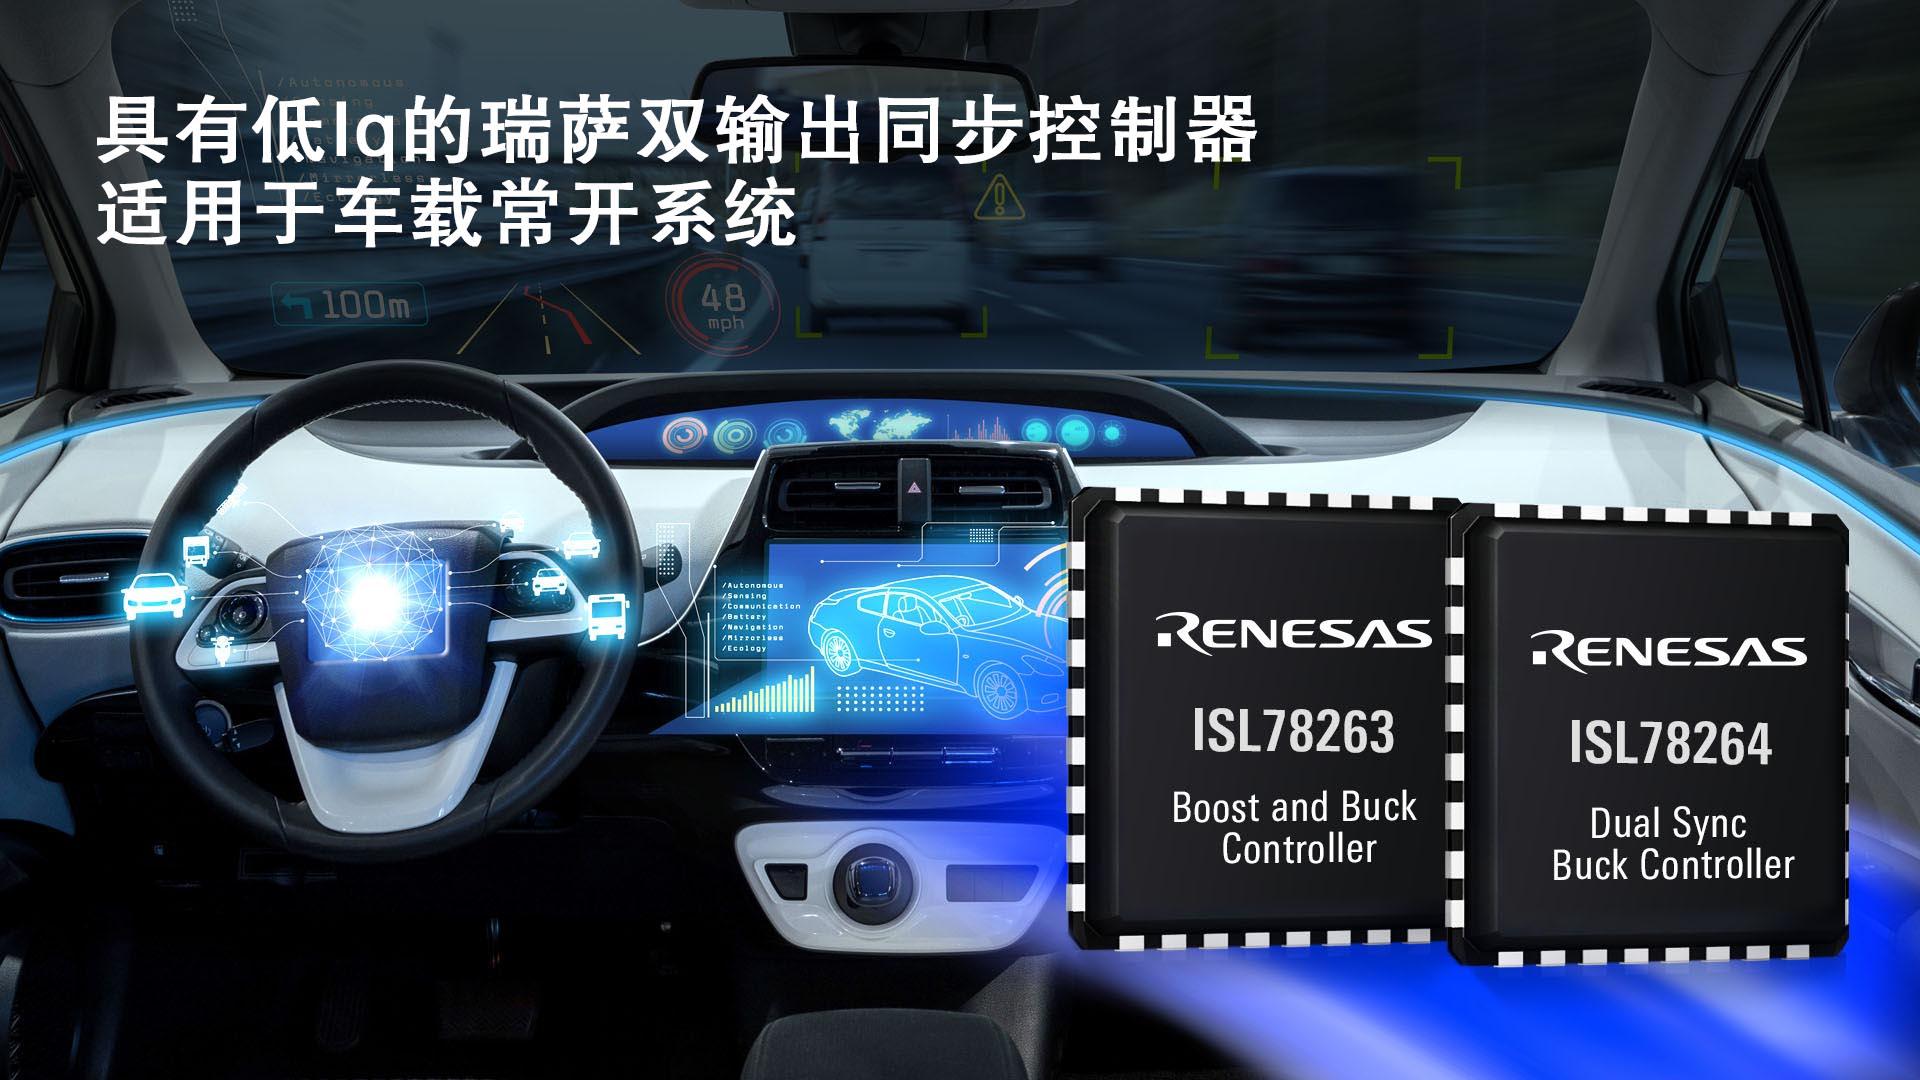 瑞萨电子推出两款具有低静态电流双路输出同步控制器适用于车载常开系统